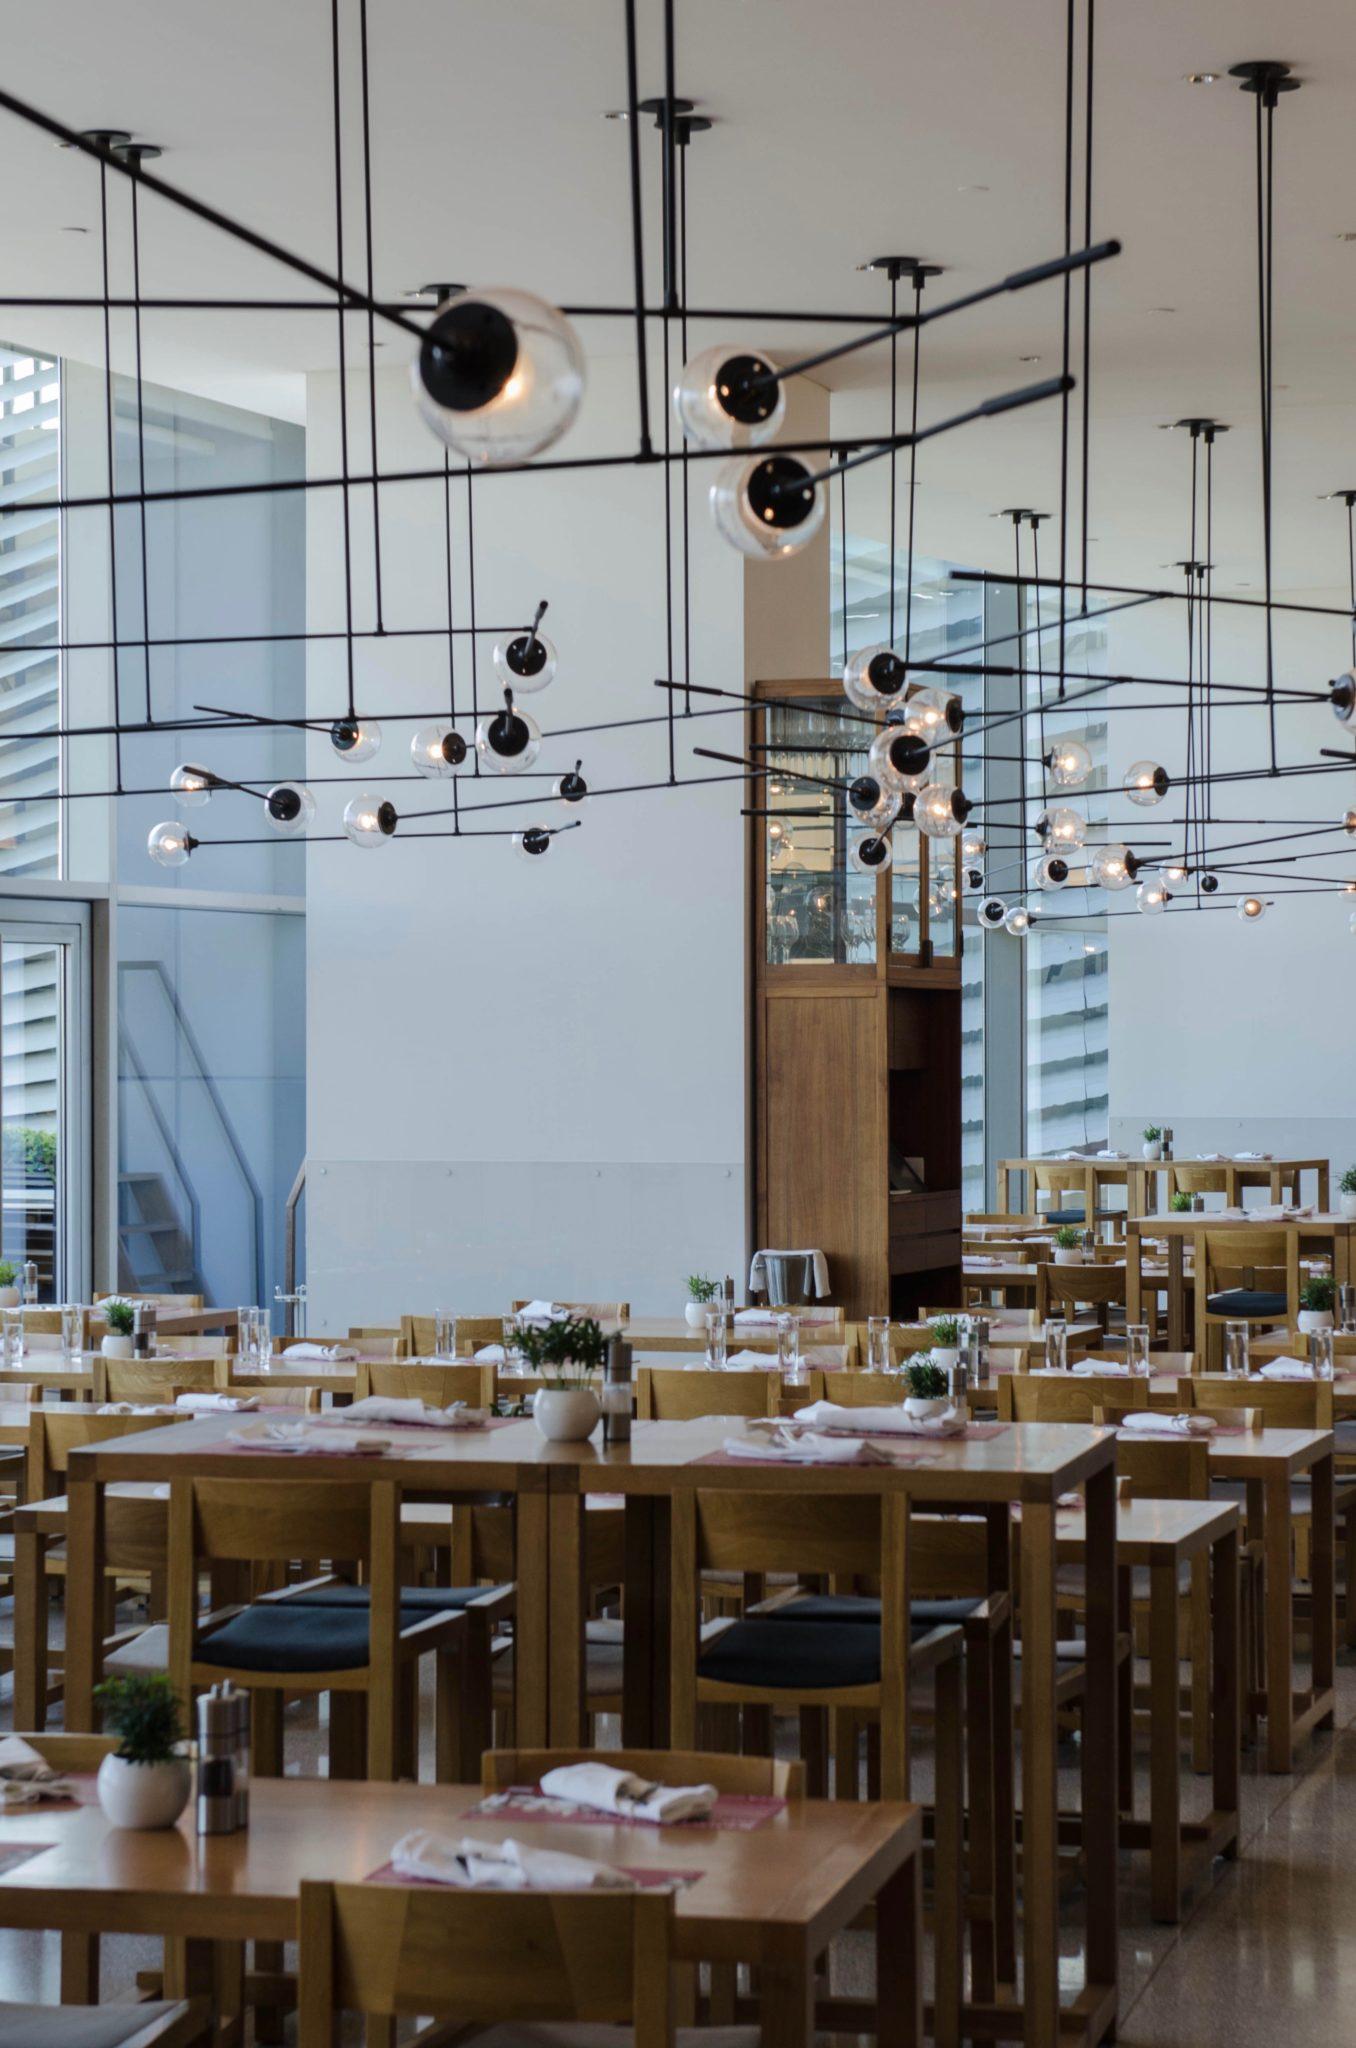 Der Frühstücksraum im Hotel in Peking